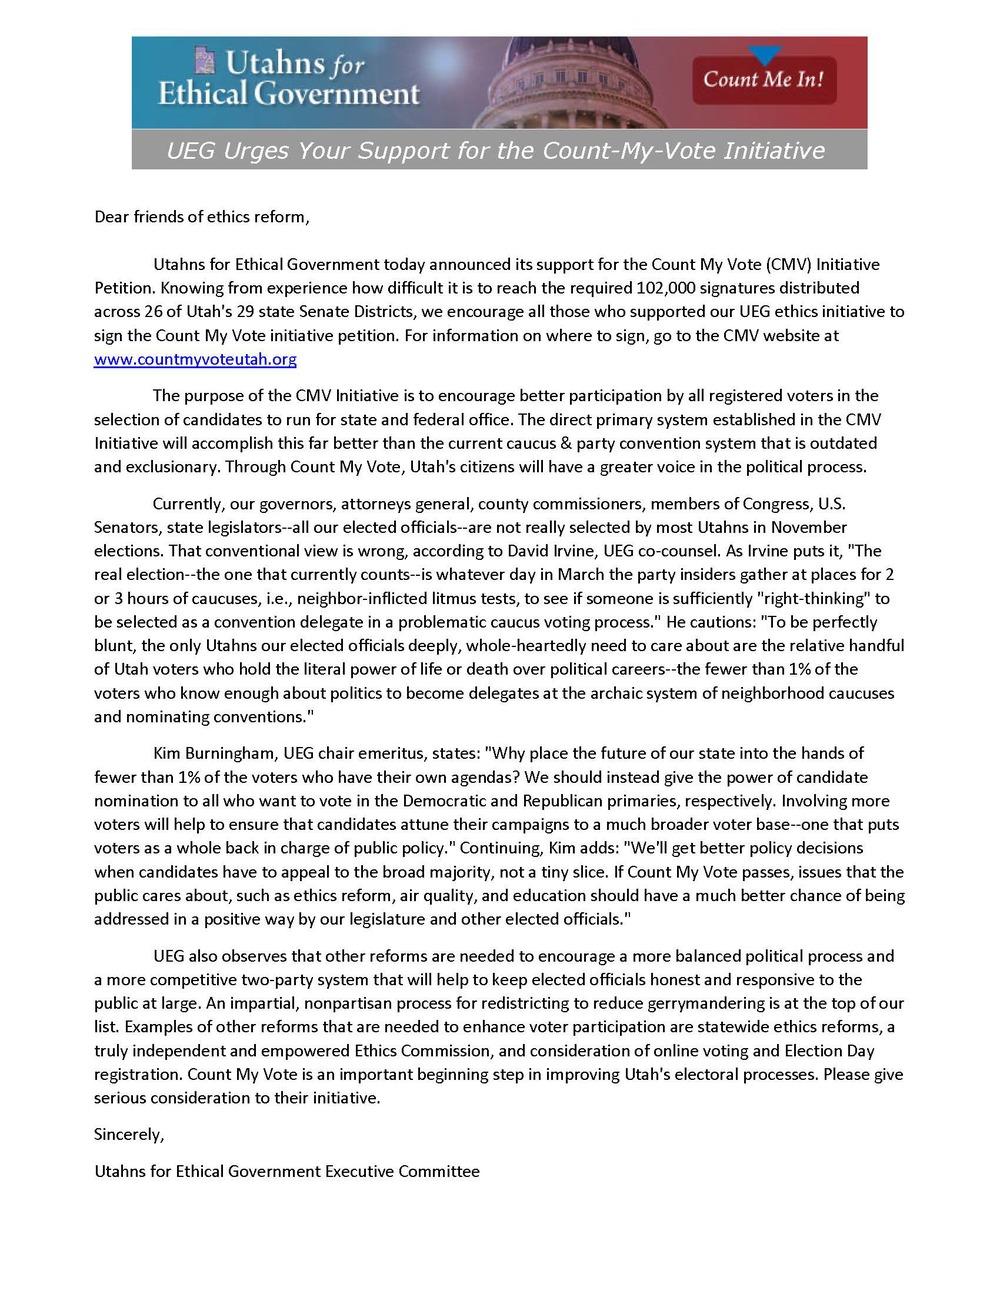 UEG Endorses Count My Vote.jpg